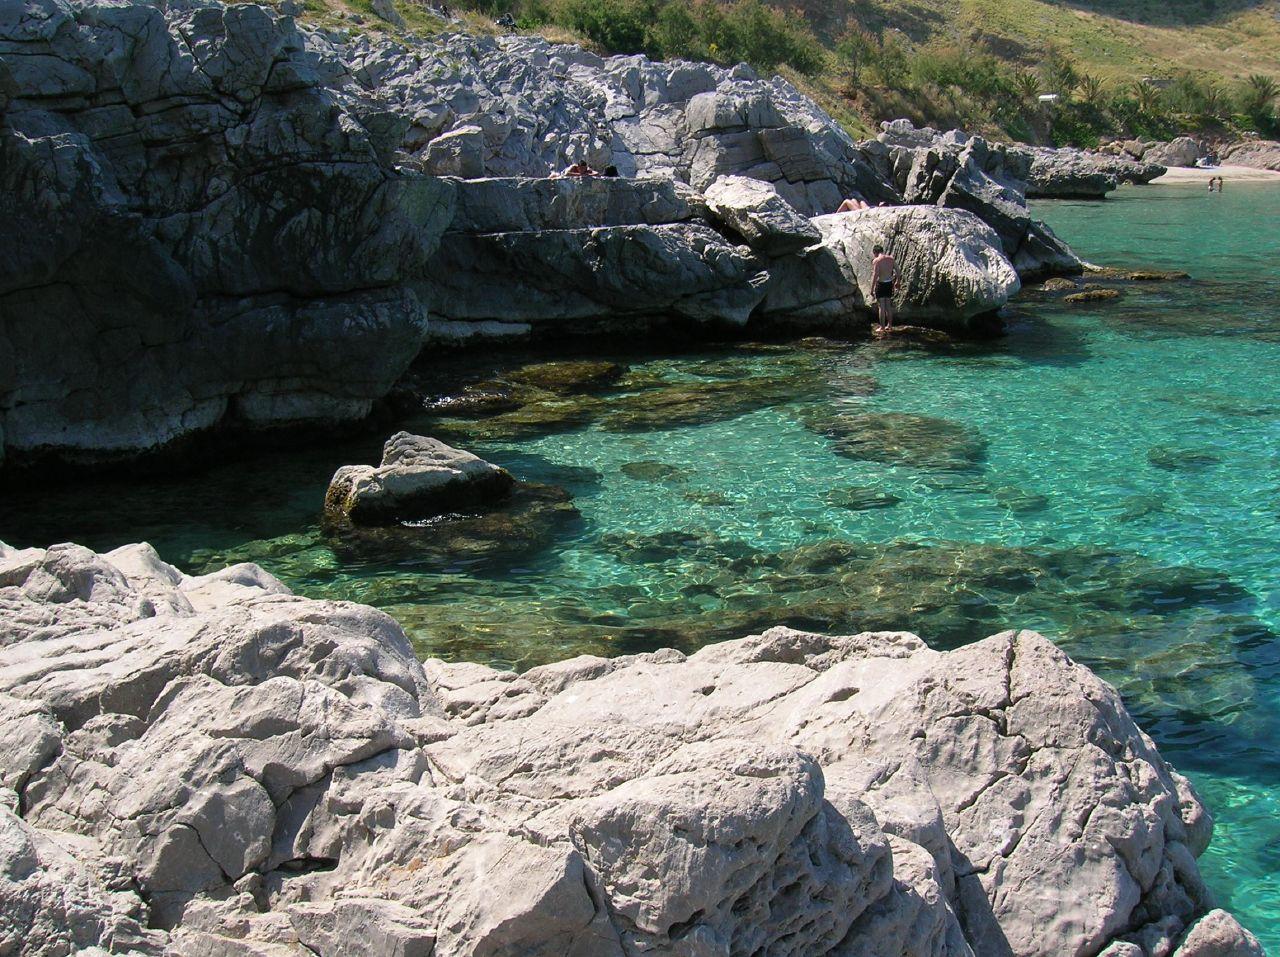 Spiaggia di Capo Gallo